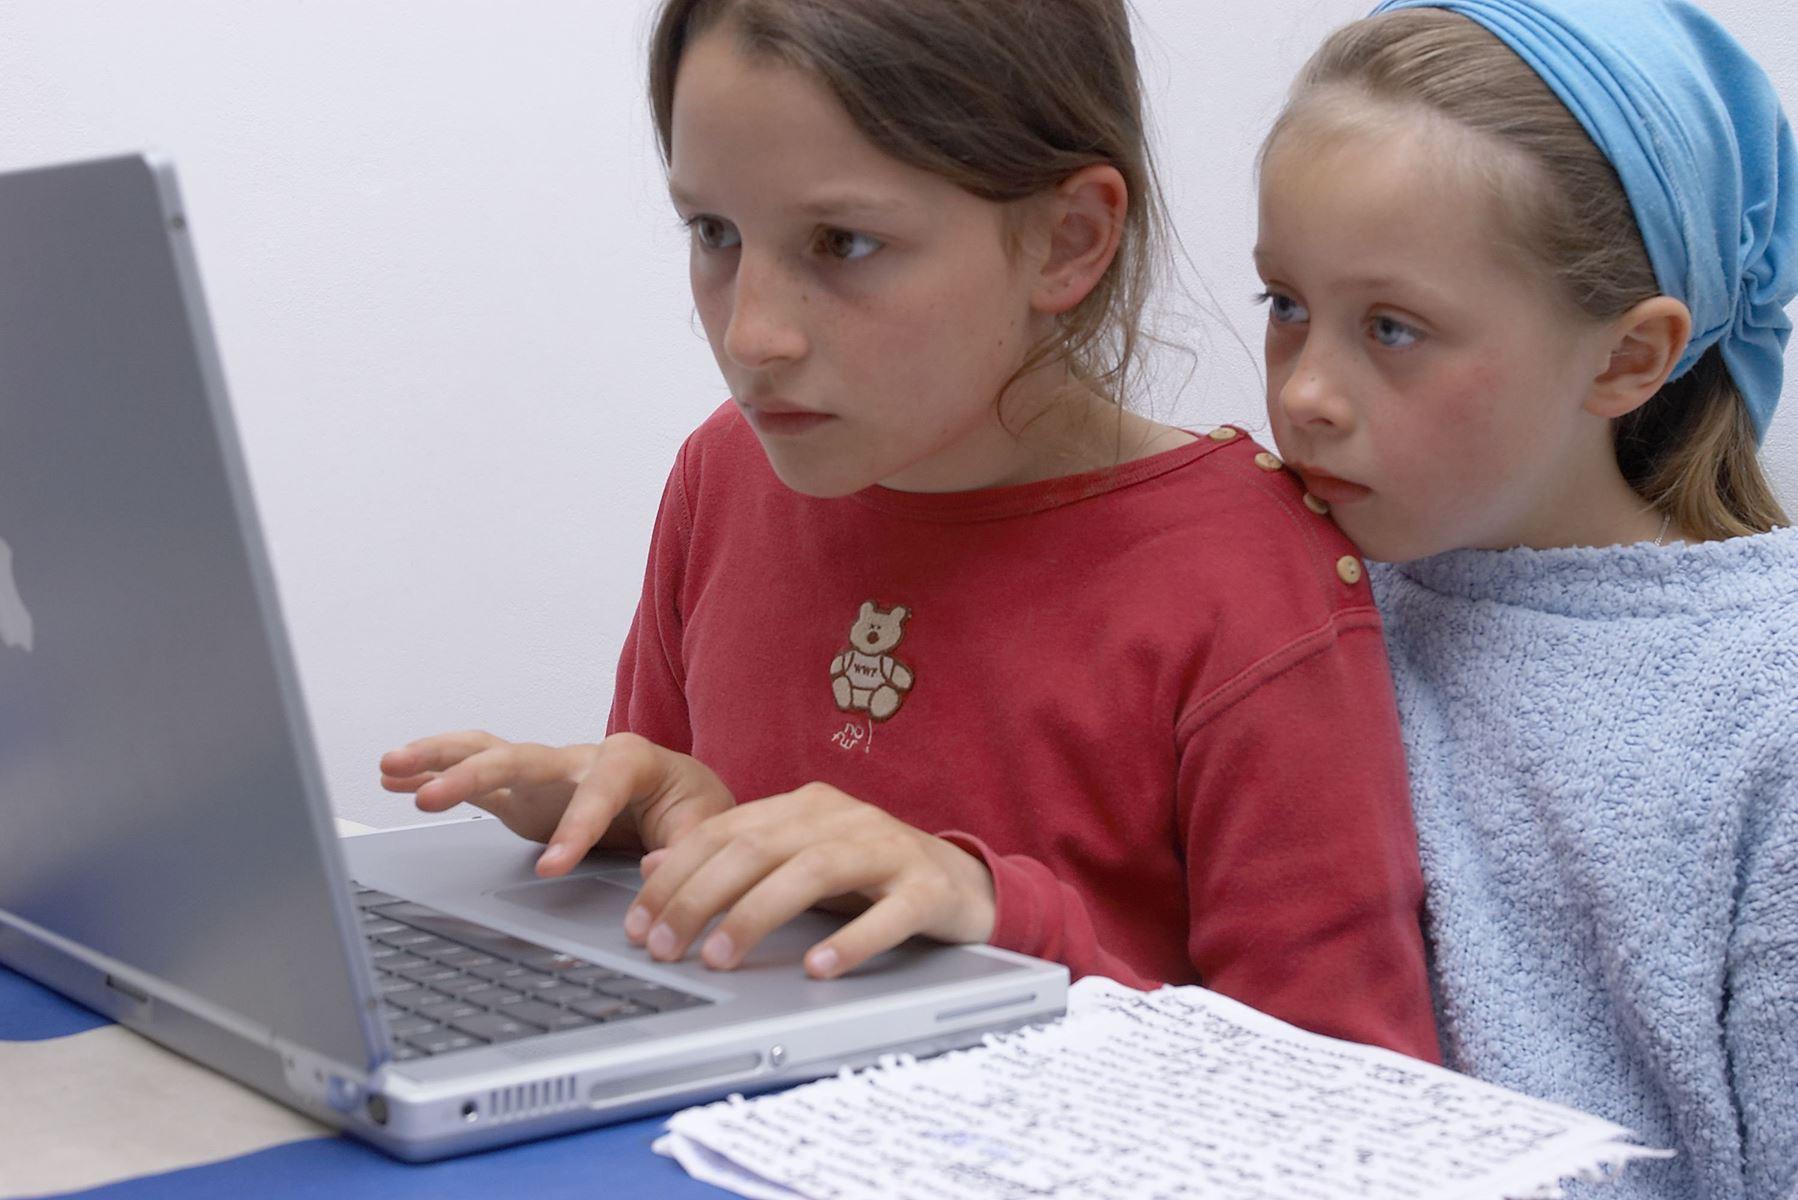 Dine børn er aldrig mere end to klik fra en pornofilm. Det er derfor vigtigt at forklare dit barn, hvad sådan en film egentligt er.